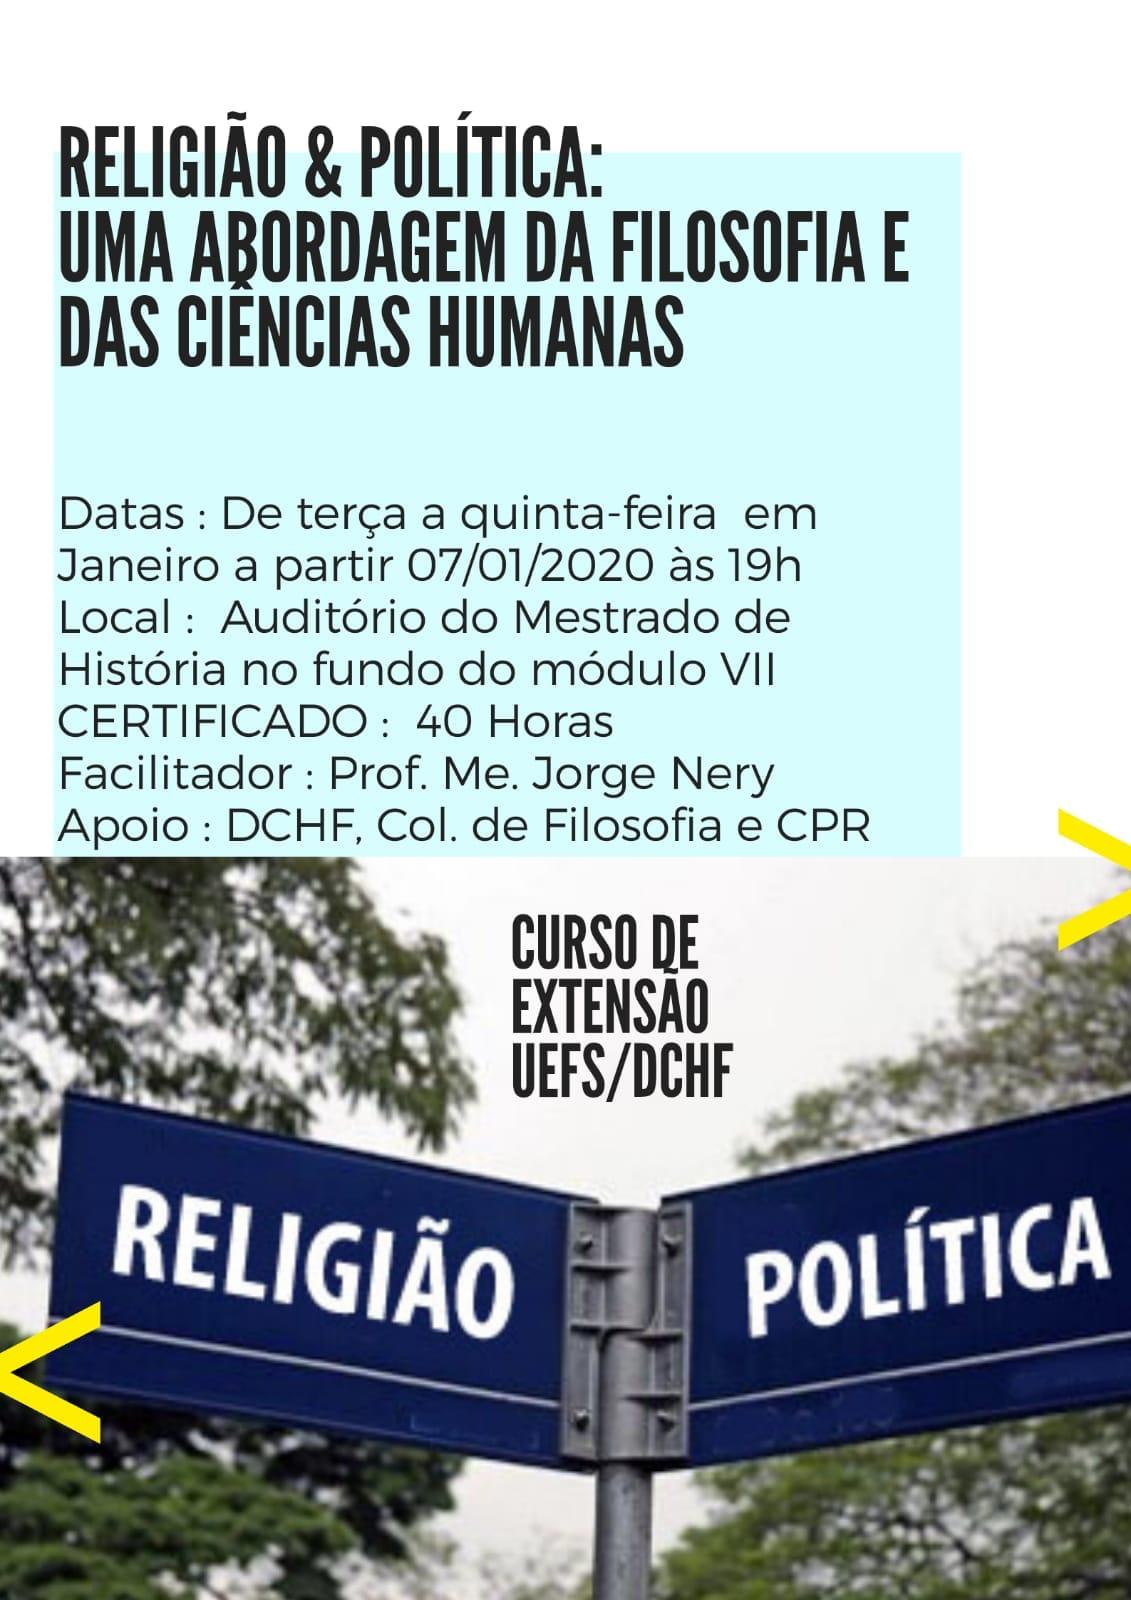 Religião & Política